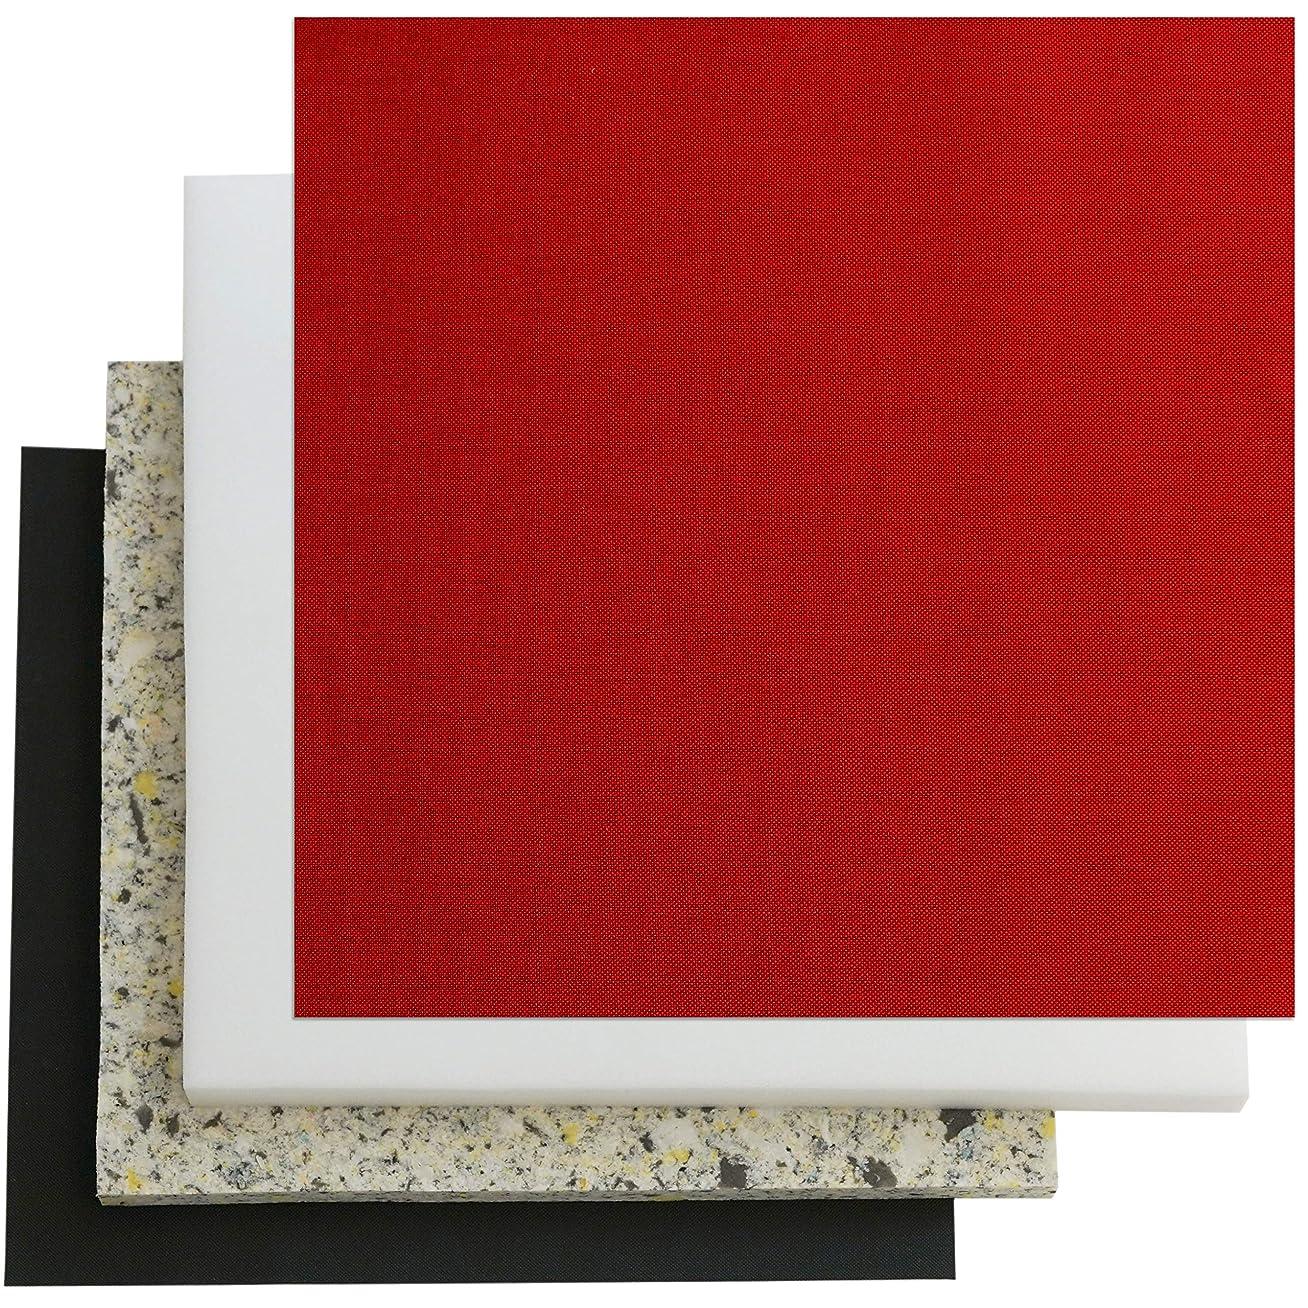 椅子の張替えセット 1脚分 国産平織布【通常サイズ】 (8445レッド, 3cm厚)